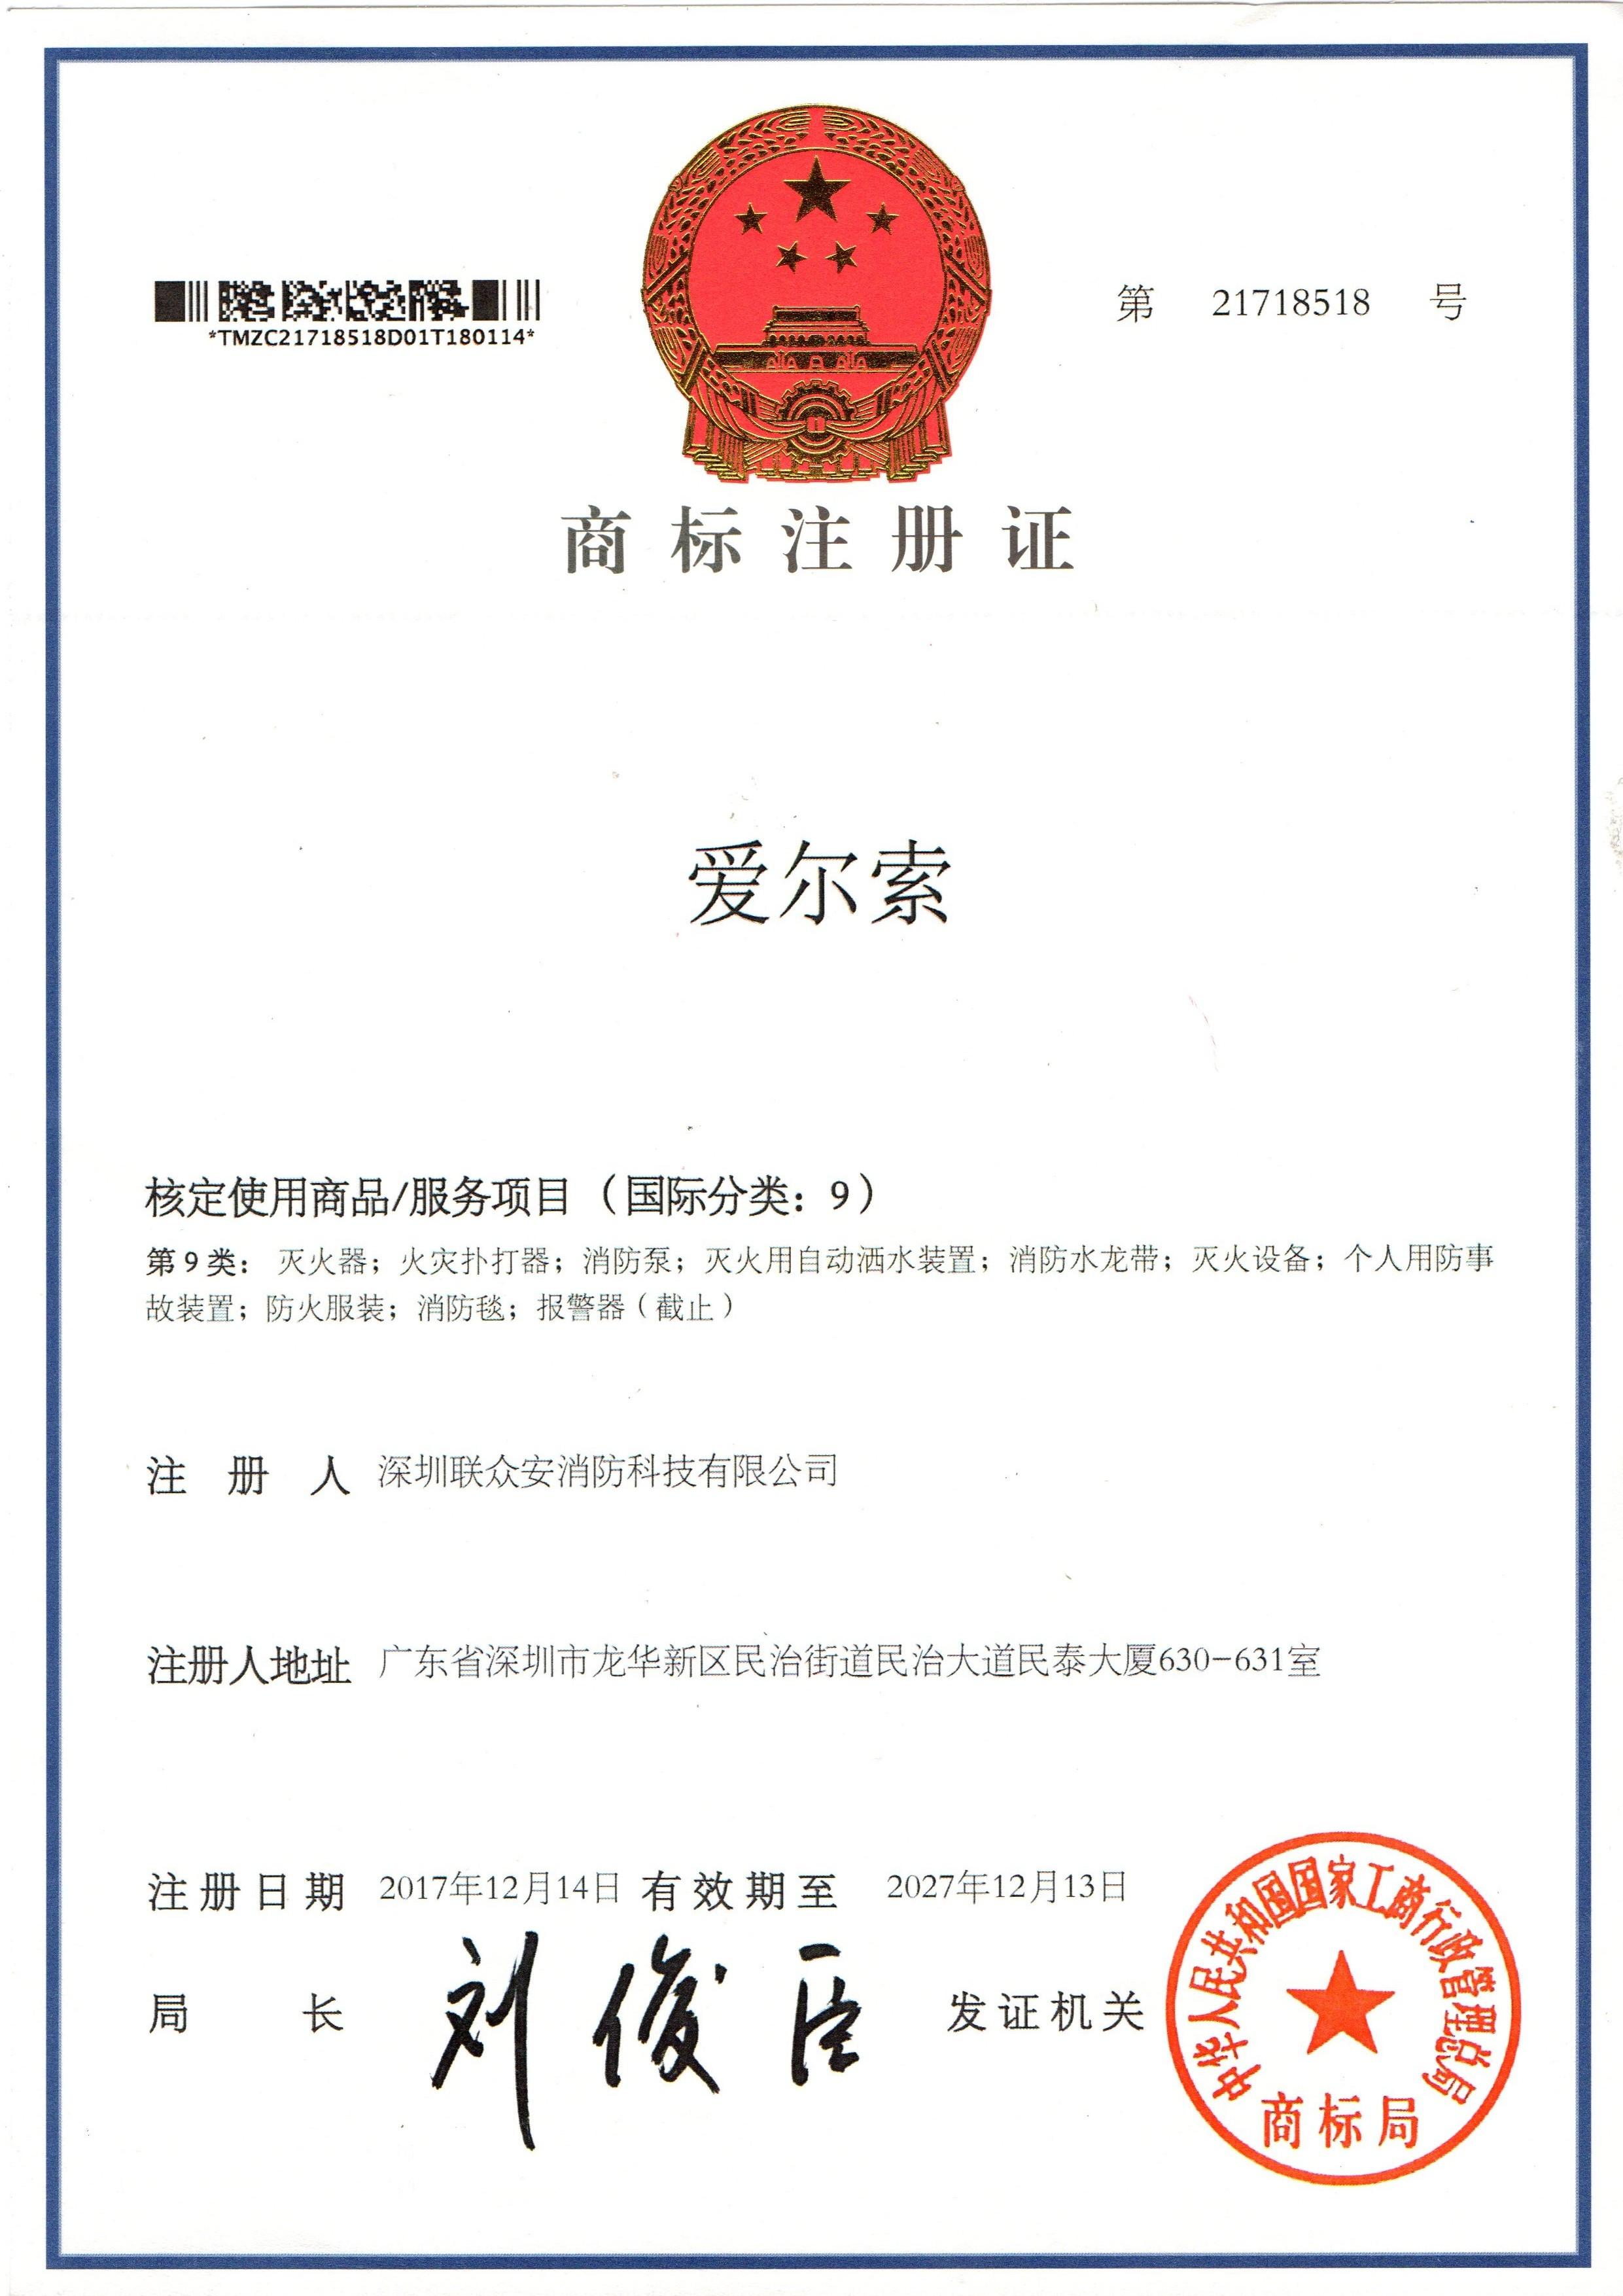 爱尔索商标注册证